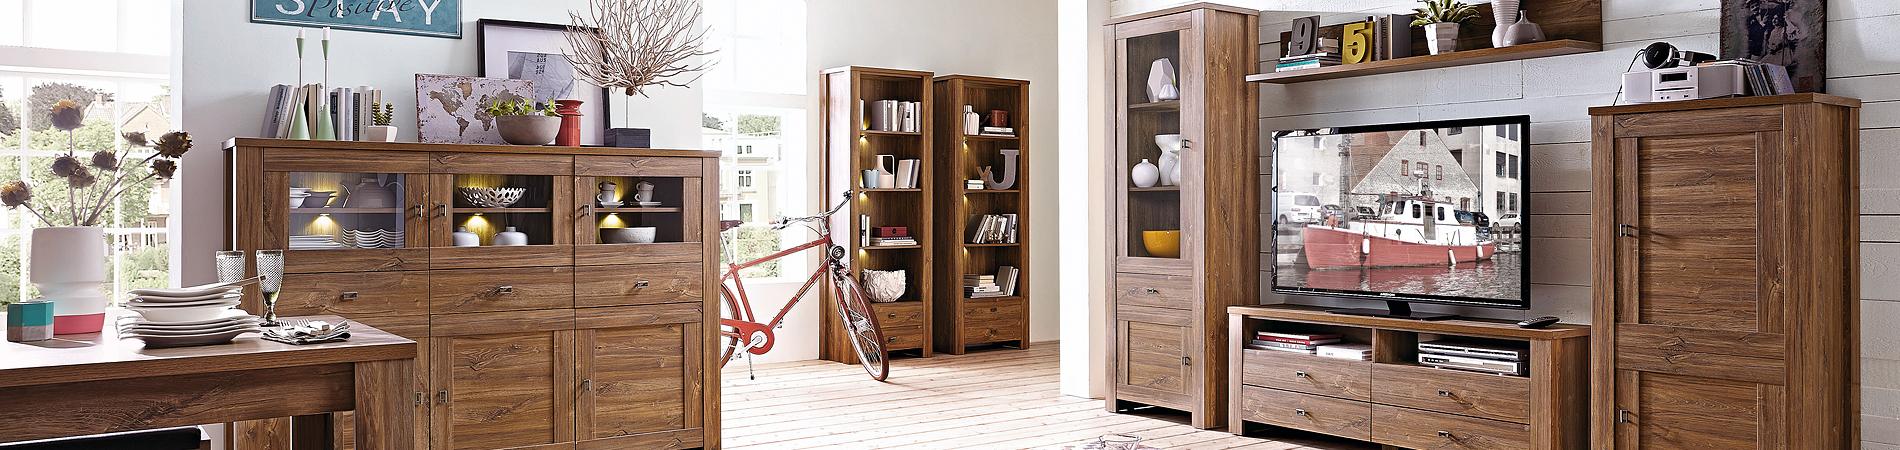 Bei uns finden Sie hochwertige Möbel zu günstigen Preisen